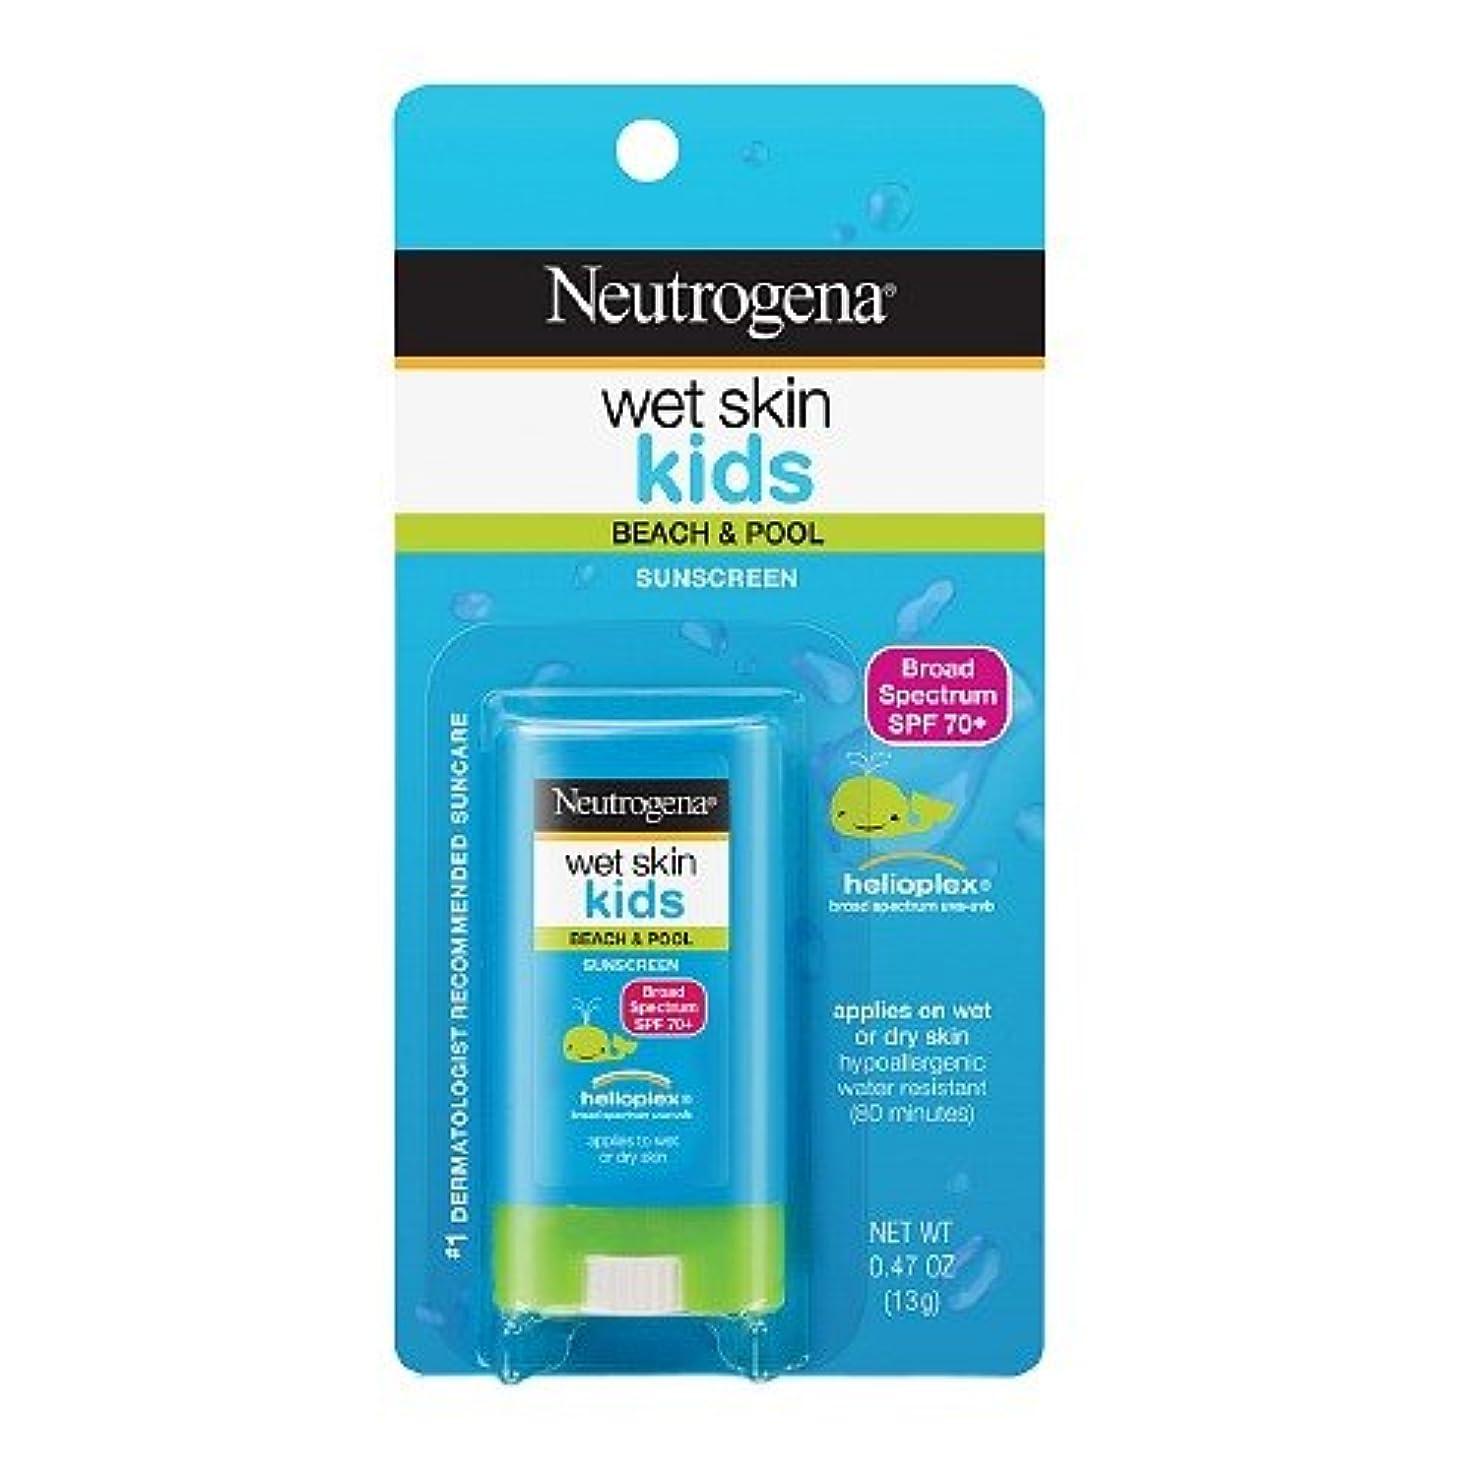 科学間違いなく毎週Neutrogena ニュートロジーナオイル無ウェットスキンキッズ日焼け止めスティック SPF70 13g 並行輸入品